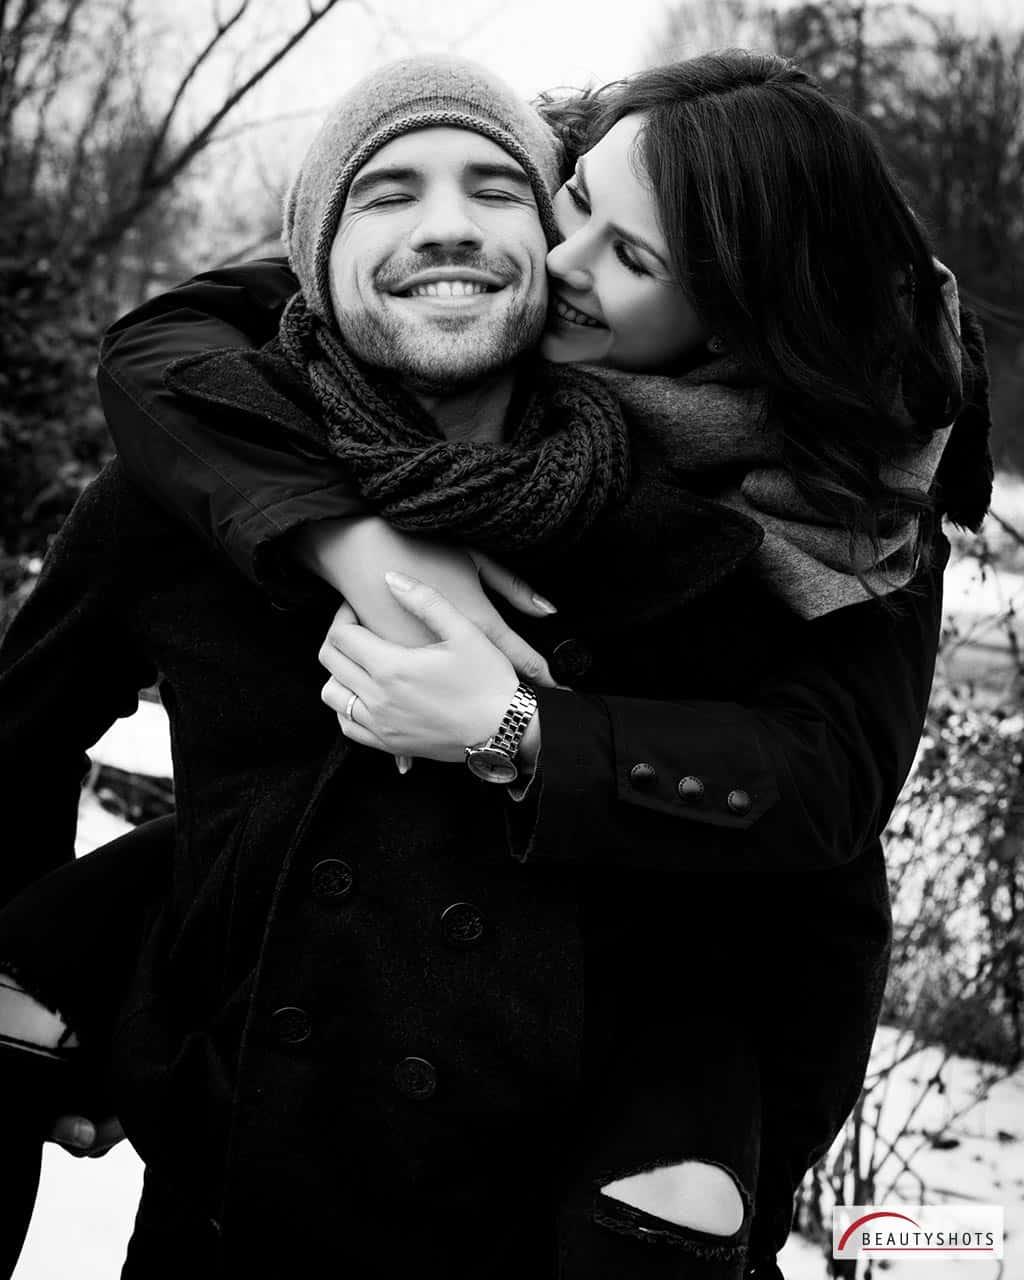 Schwarz-weiß Foto von einem Paar draußen im Winter, fotografiert beim Paar-Fotoshooting im BEAUTYSHOTS Fotostudio in Hamburg